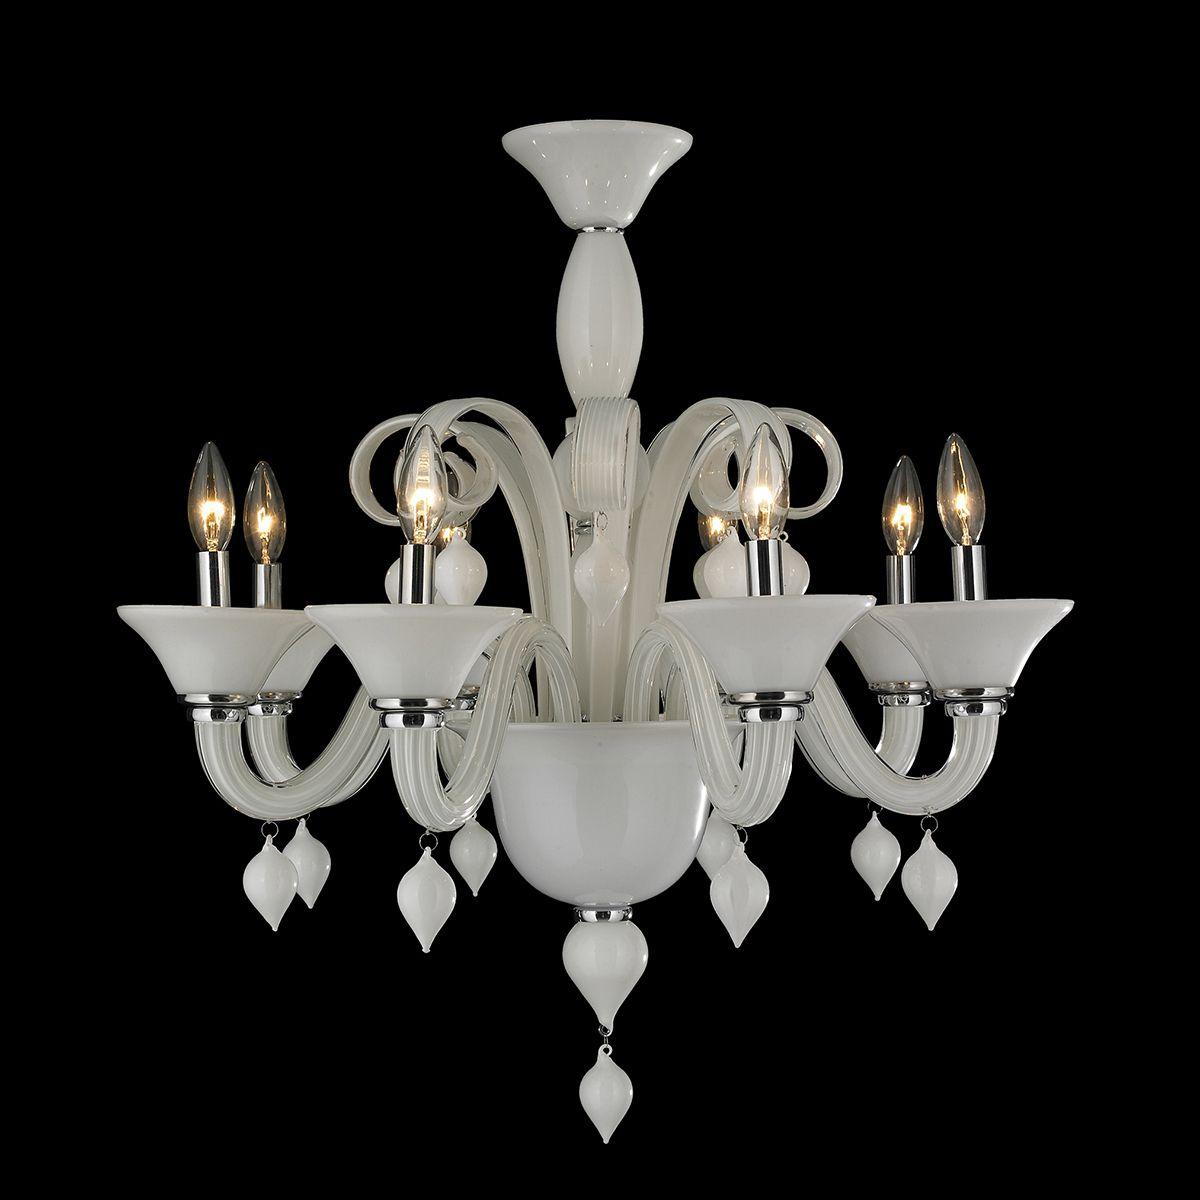 Hinkley Lighting Odette: Murano Venetian Style 8 Light Blown Glass In White Finish